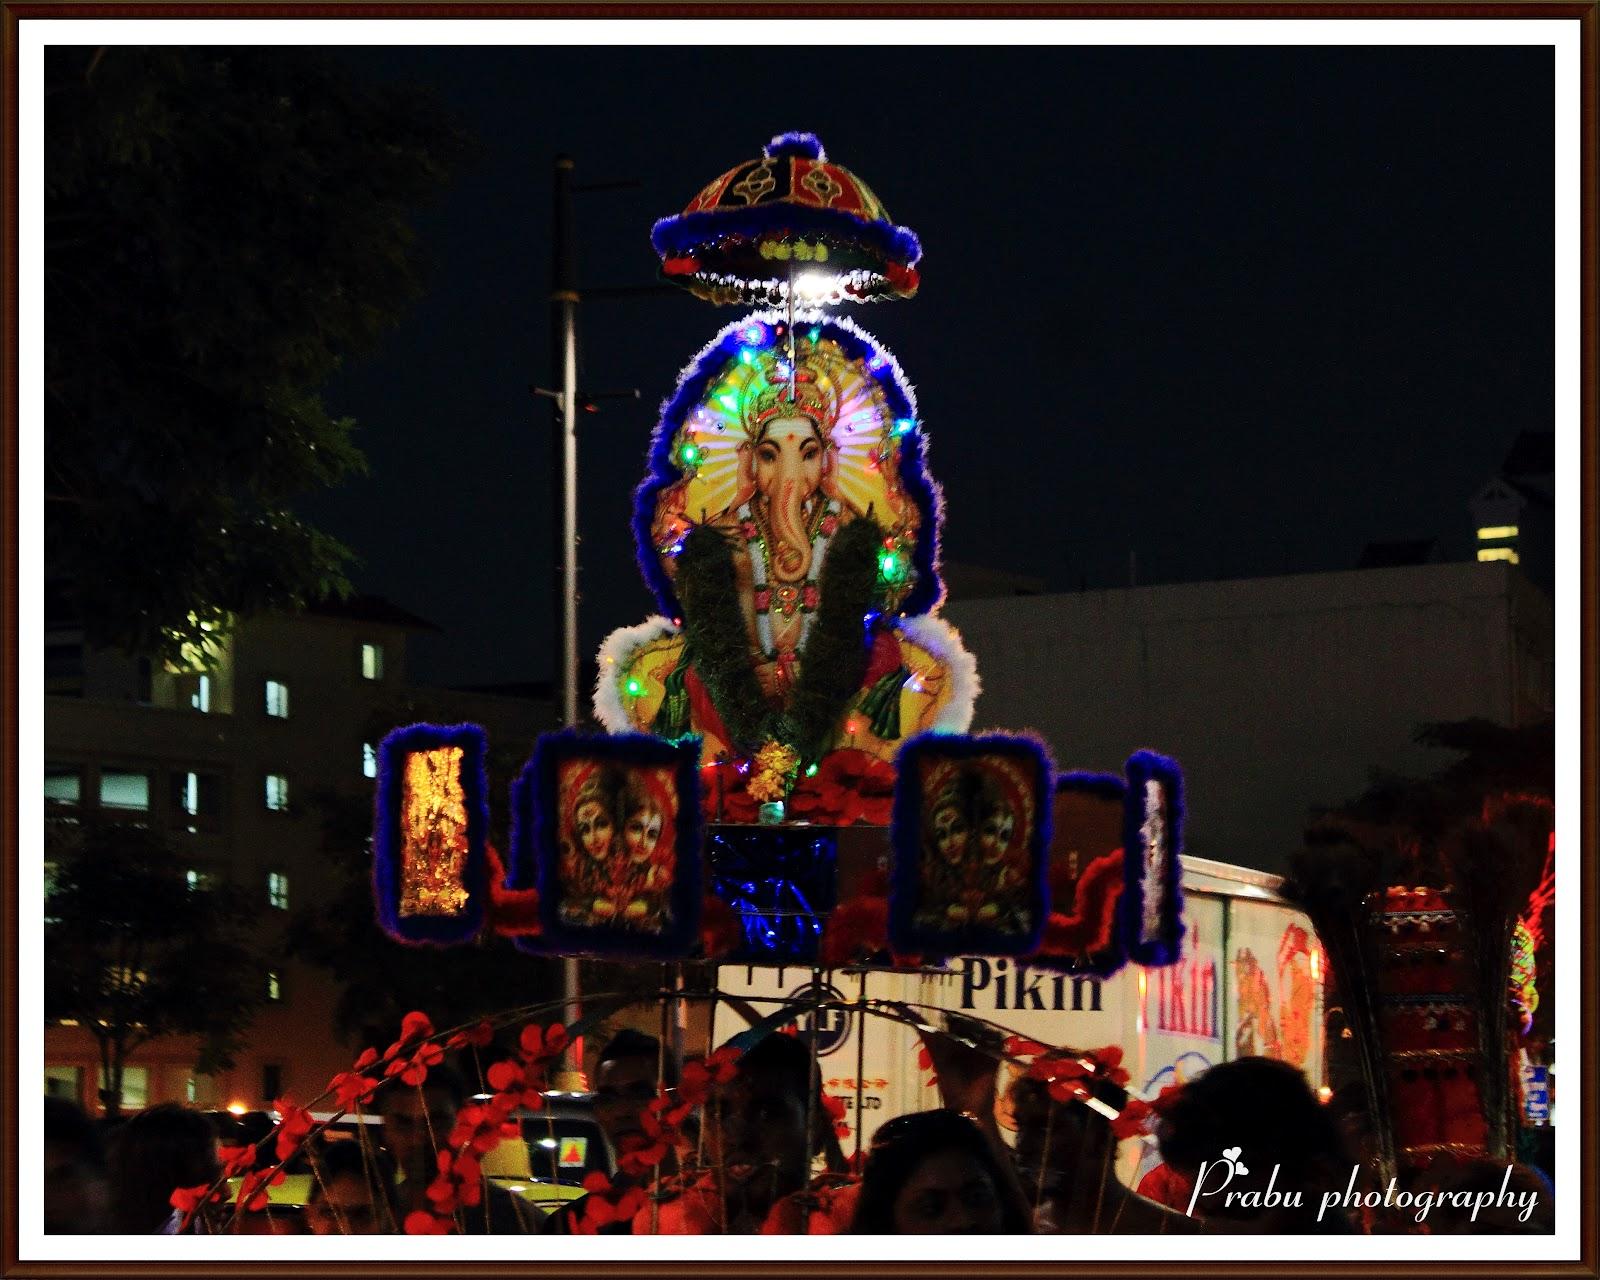 சிங்கப்பூர் தைப்பூசம் 2012 (புகைப்படங்கள்)-பகுதி-1 IMG_5163-1